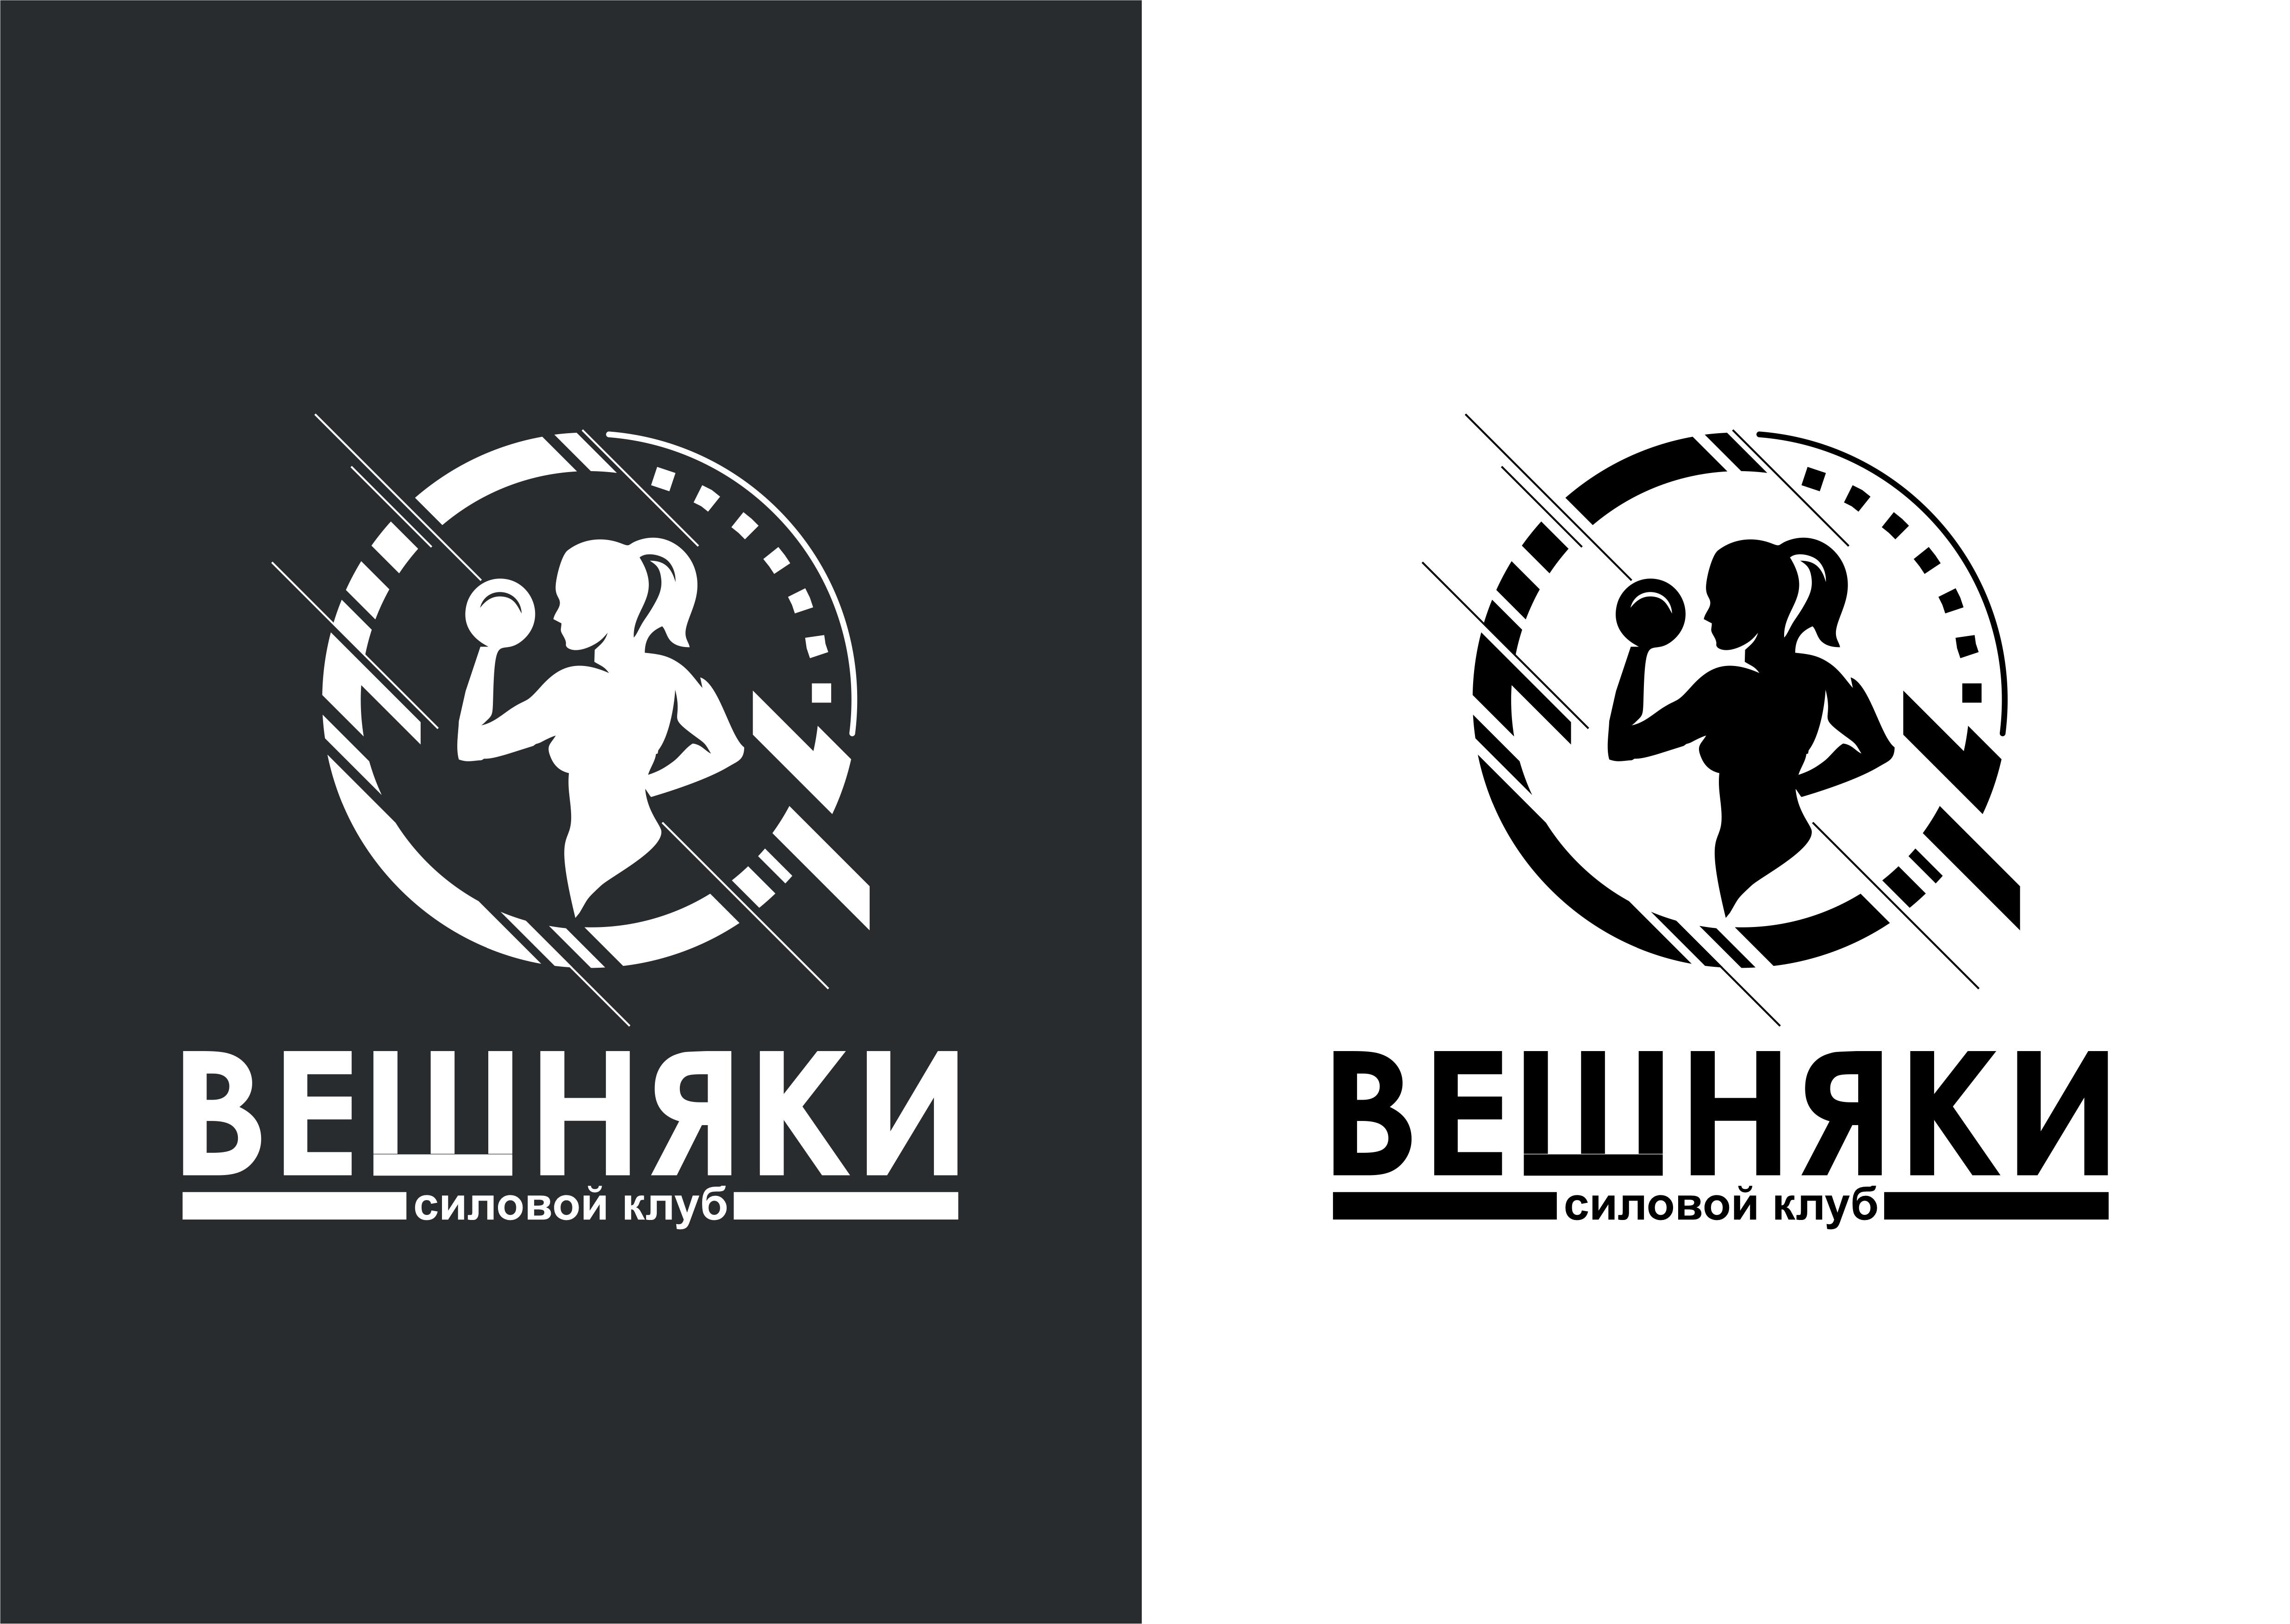 Адаптация (разработка) логотипа Силового клуба ВЕШНЯКИ в инт фото f_6605fc128e5909fe.jpg